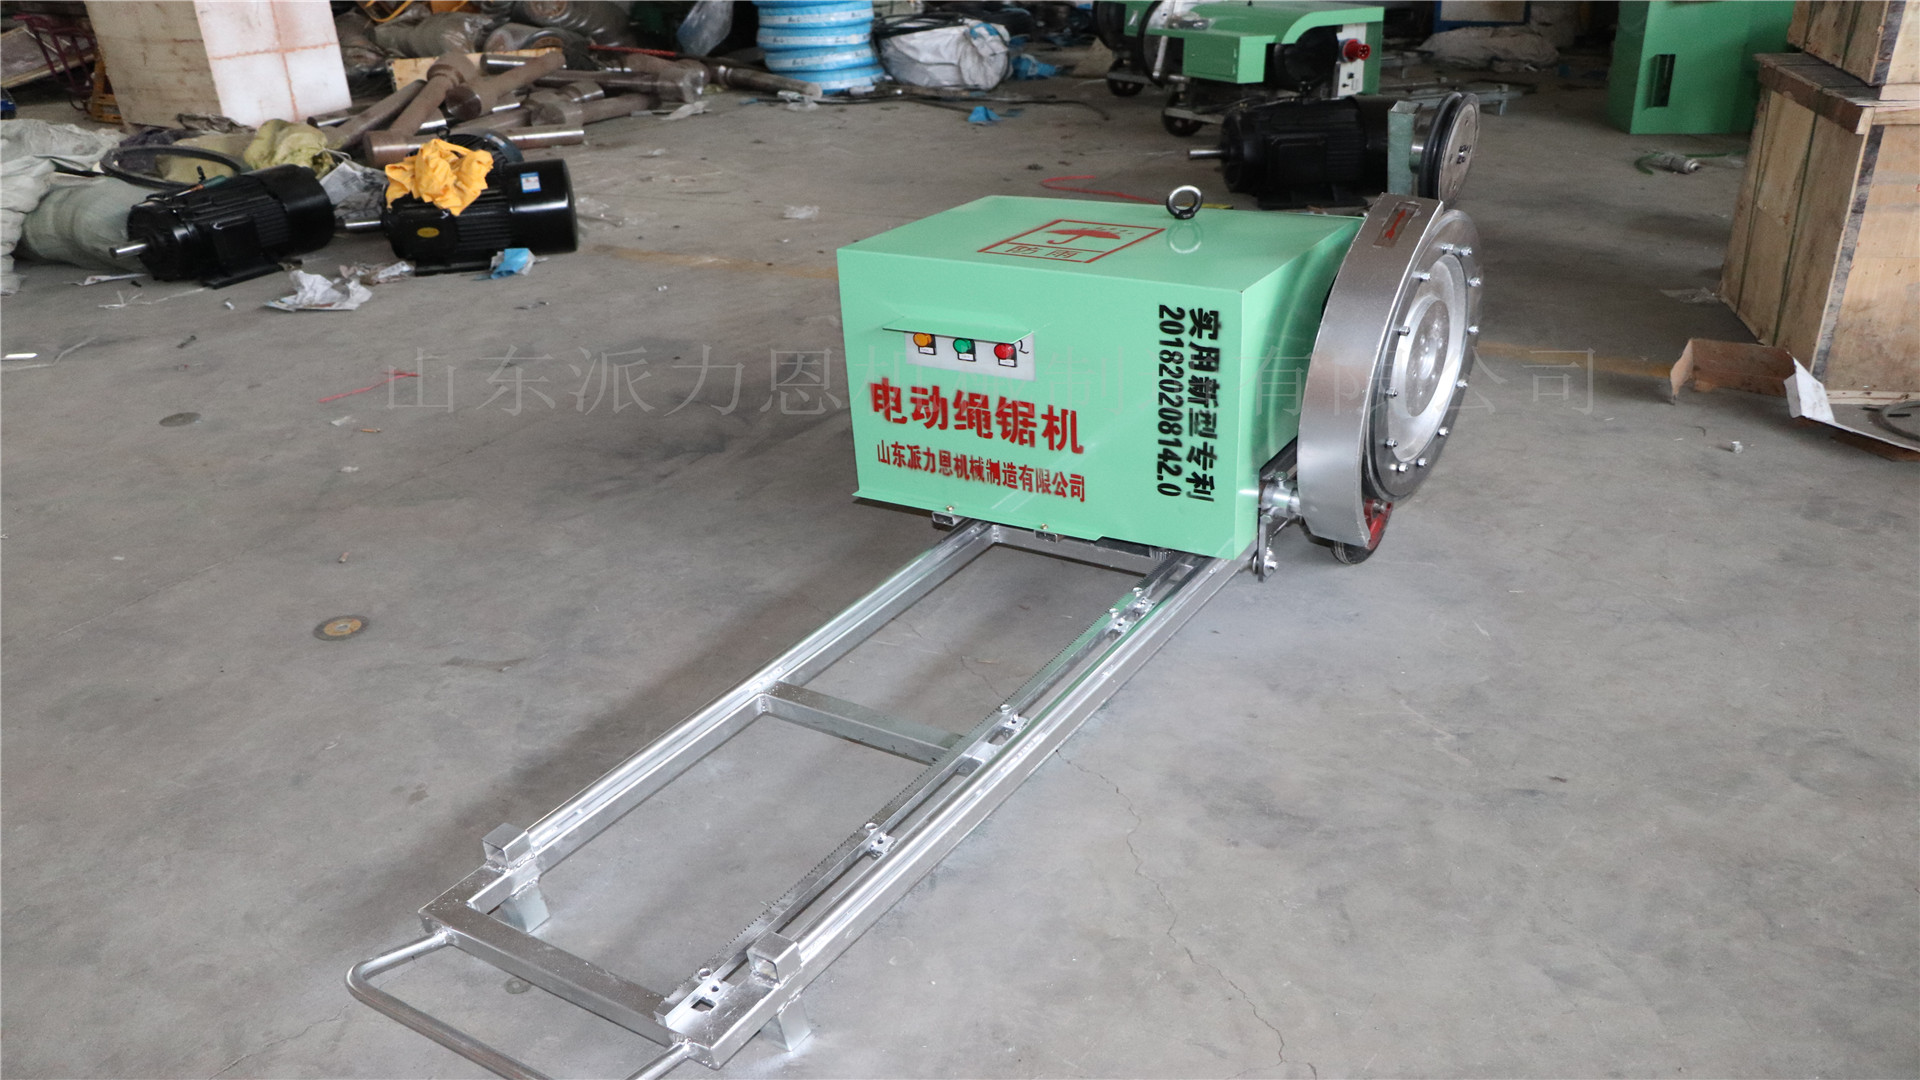 四川德阳混凝土路面切割电动绳锯机使用说明